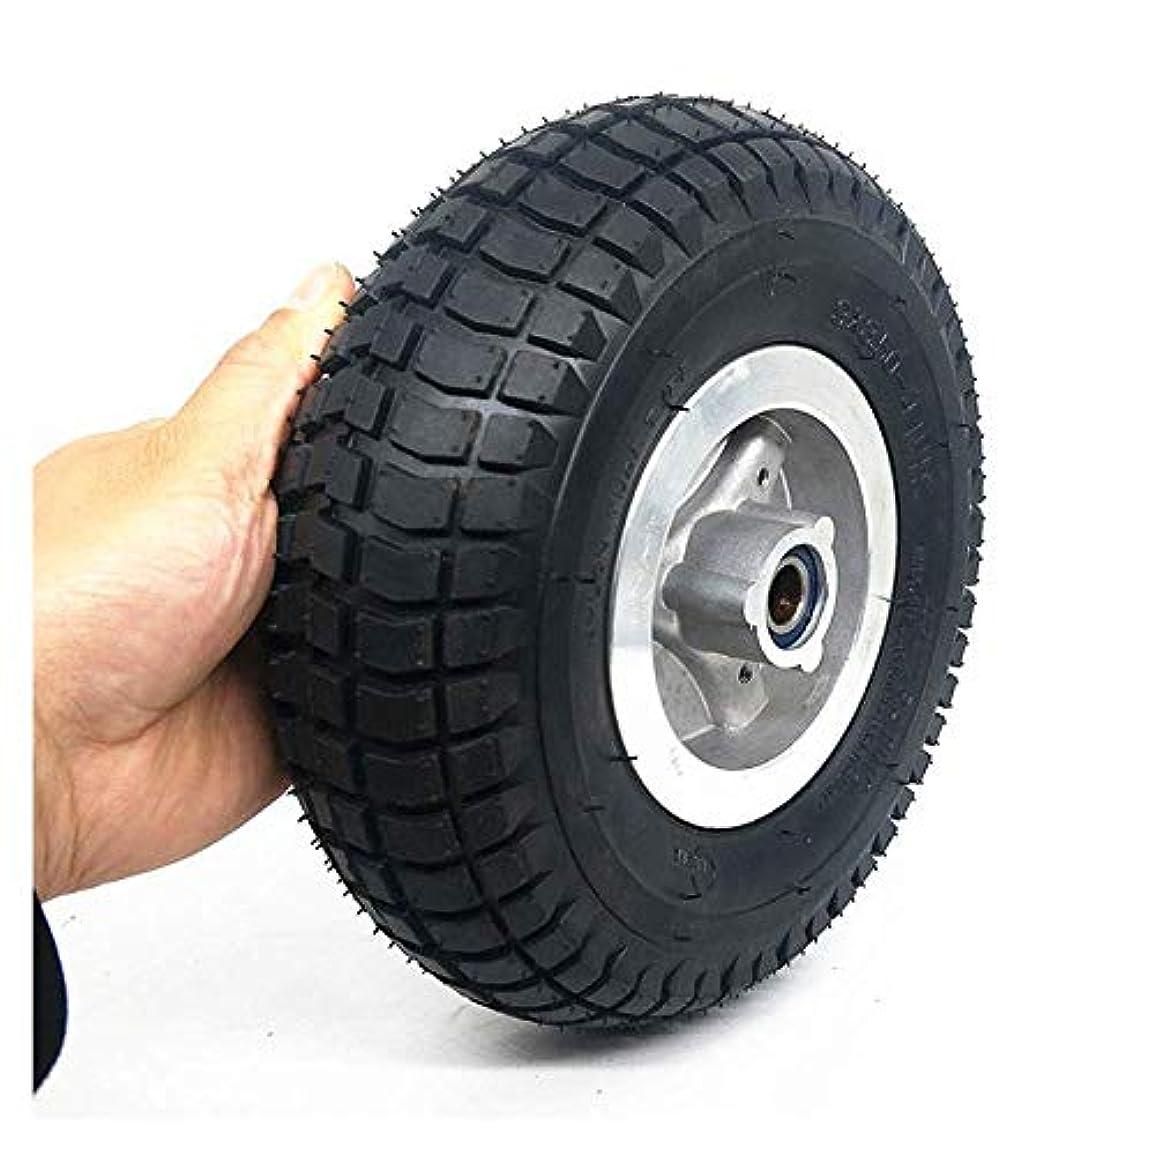 傑出した行商人ギャロップ電動スクータータイヤ、9x3.50-4ホイール、滑り止めの耐摩耗性タイヤ、内径15mm、高齢者スクーター/三輪車に最適